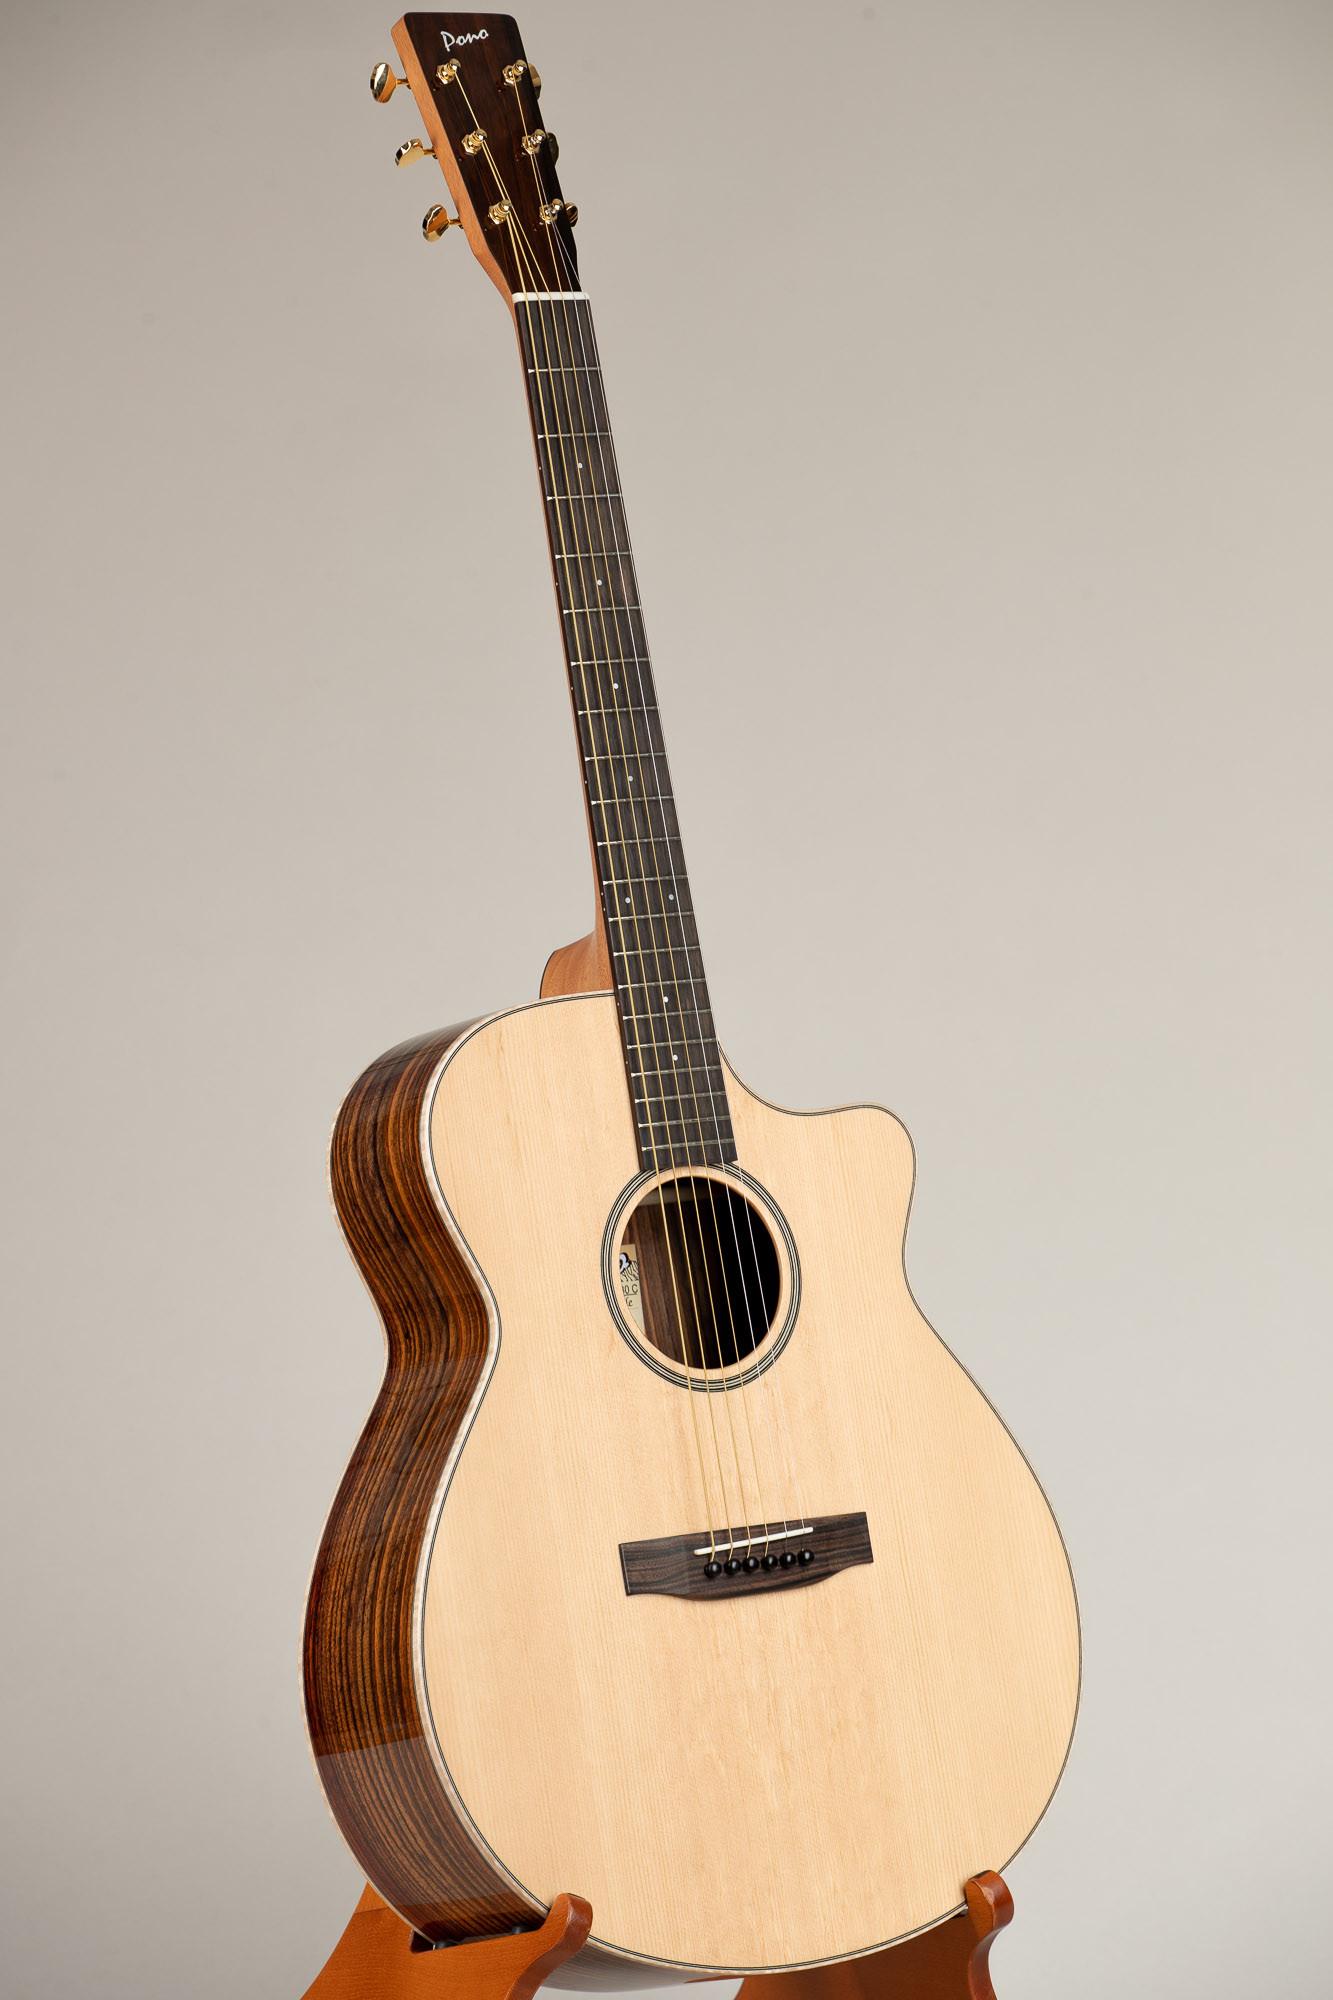 Pono Spruce Top Rosewood Grand Auditorium Guitar (GA-30 4697)